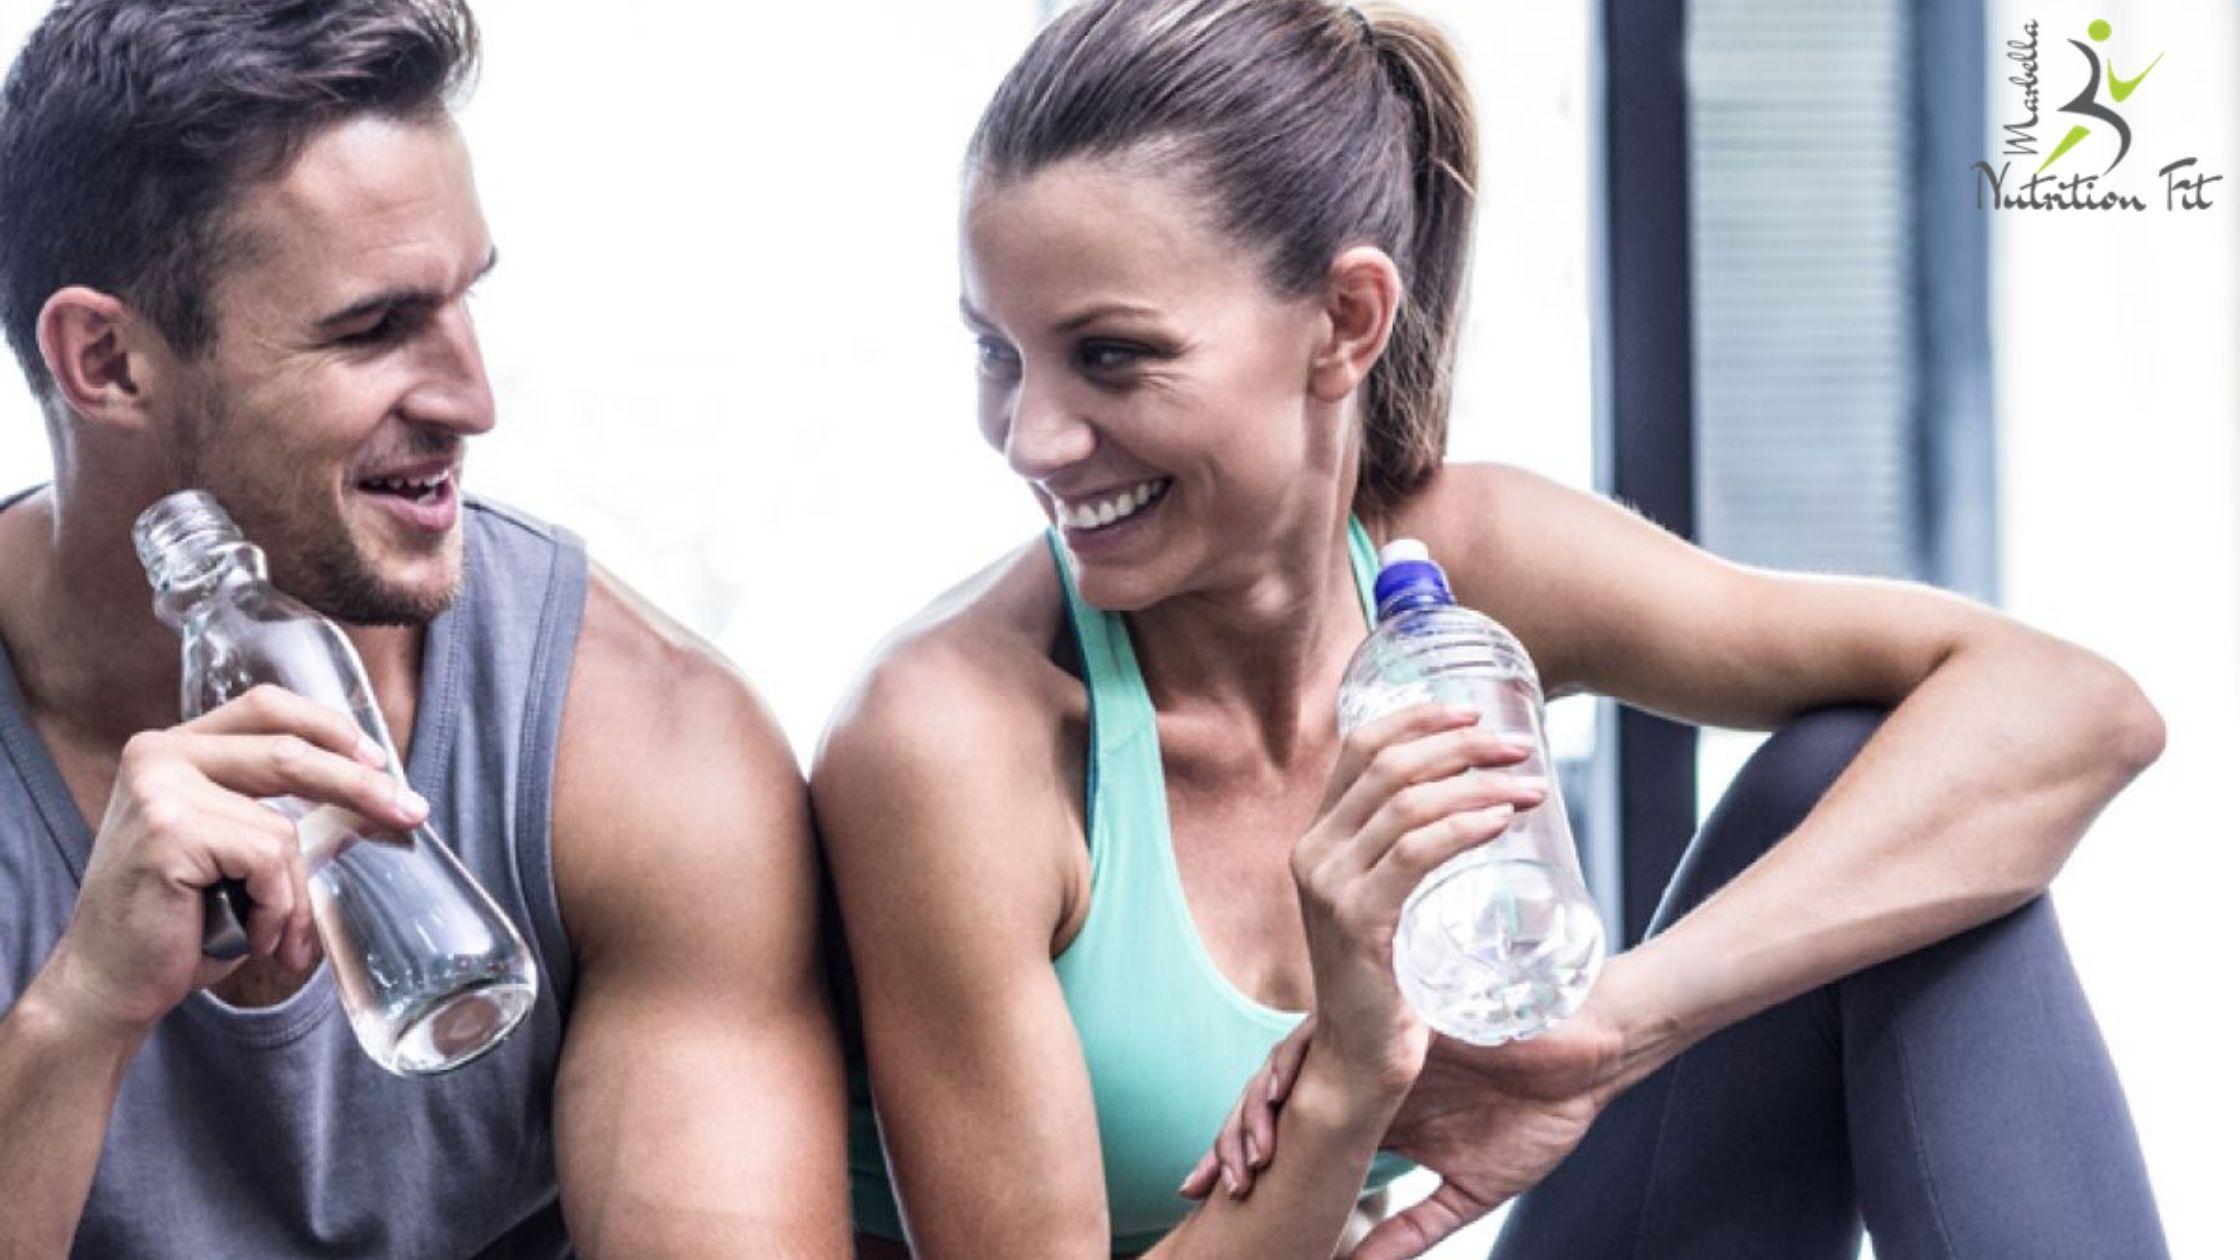 Cuatro maneras de fortalecer tu cuerpo y tu relación